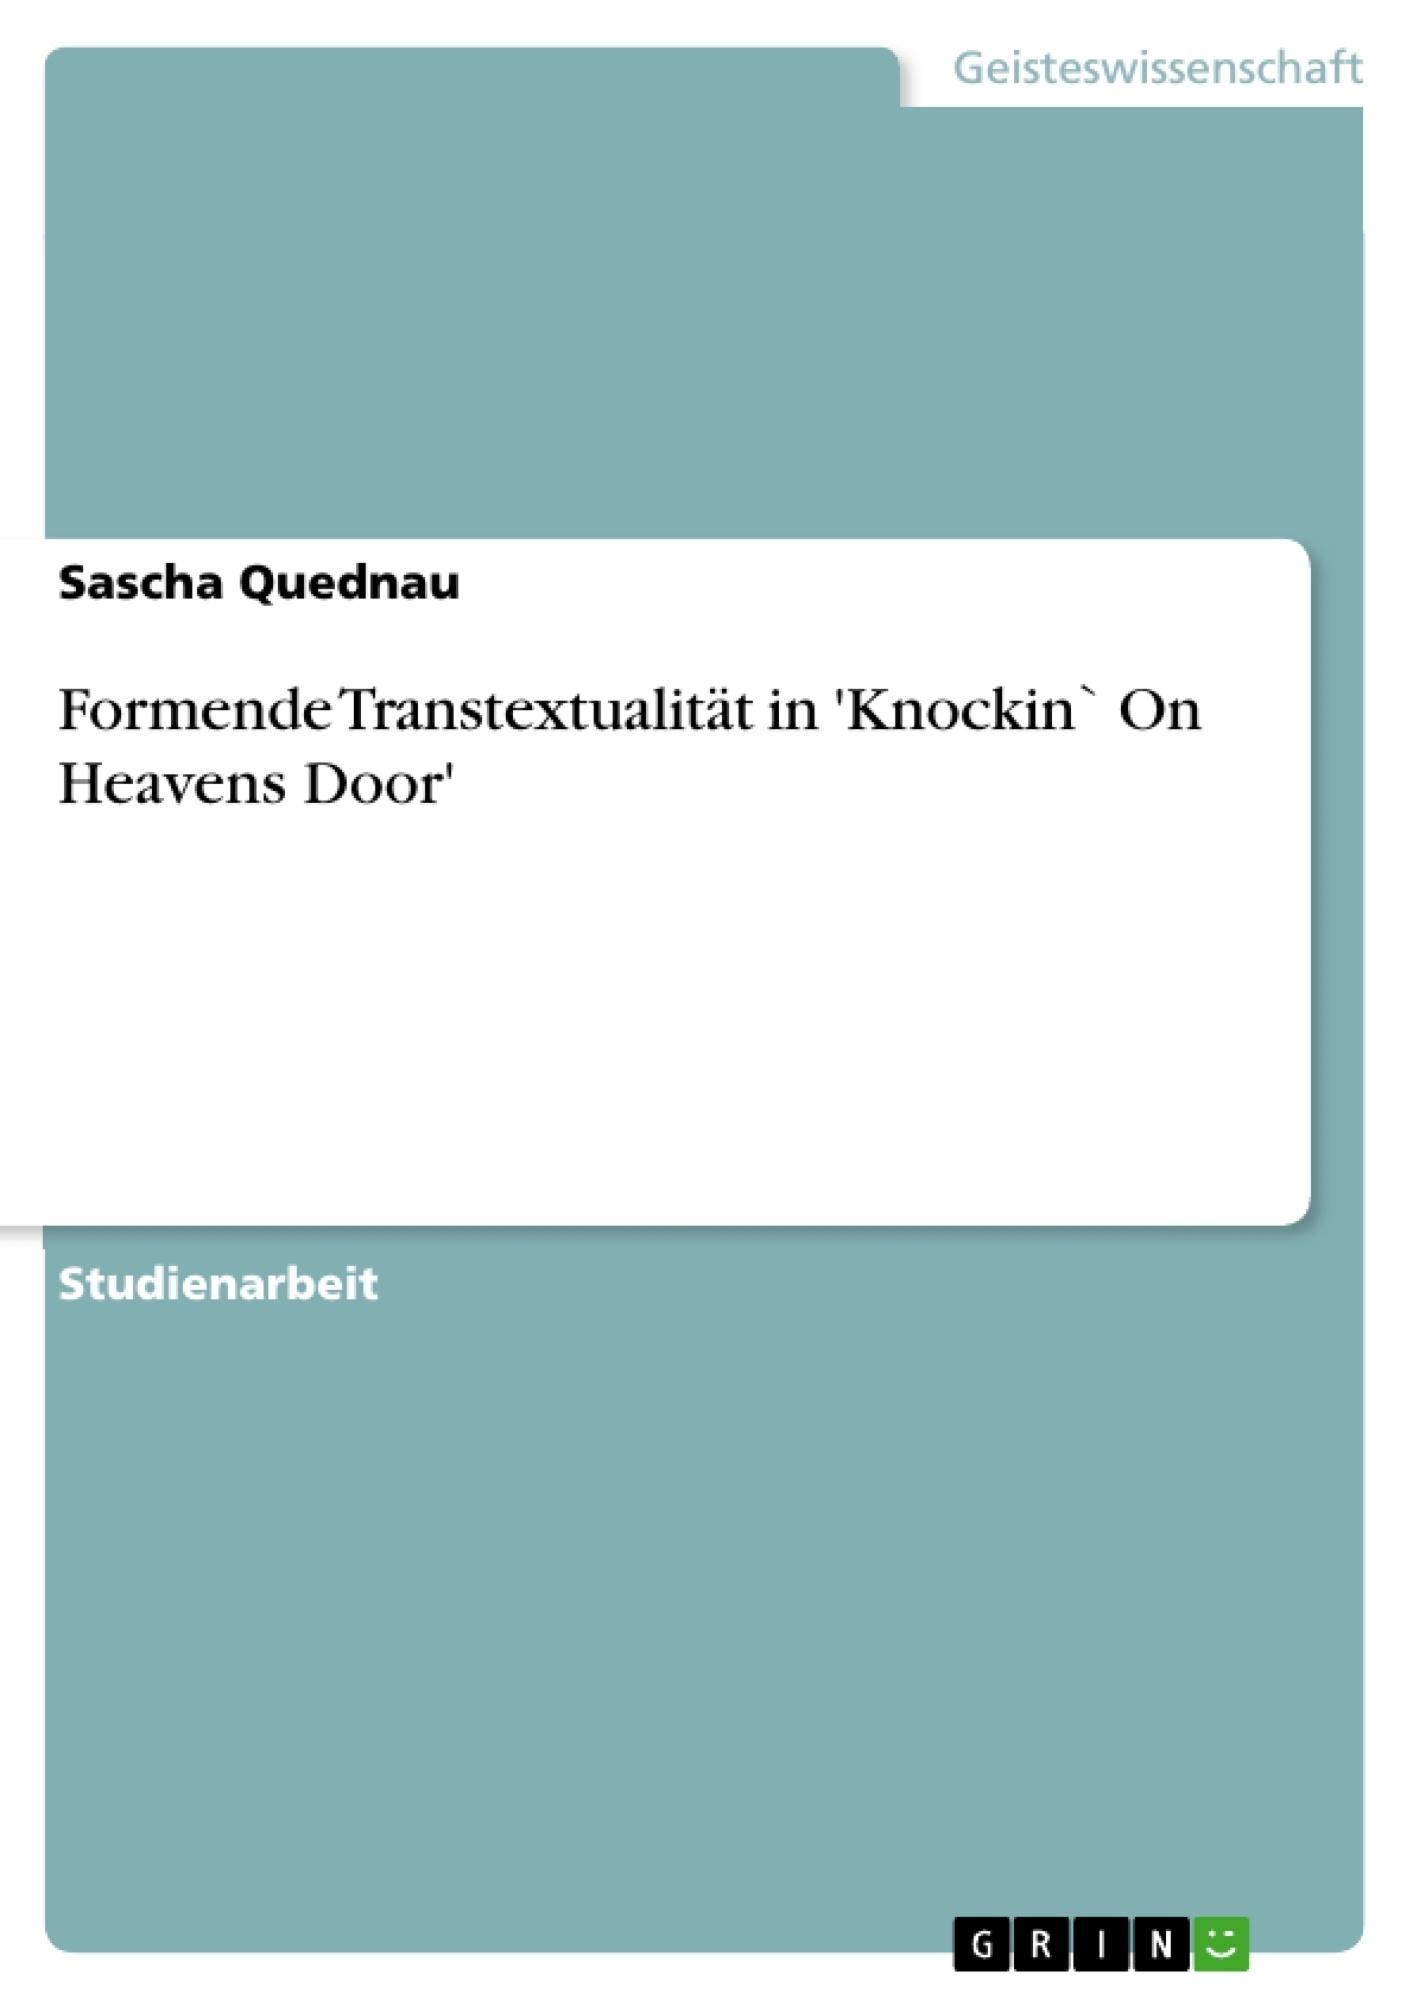 Titel: Formende Transtextualität in 'Knockin` On Heavens Door'